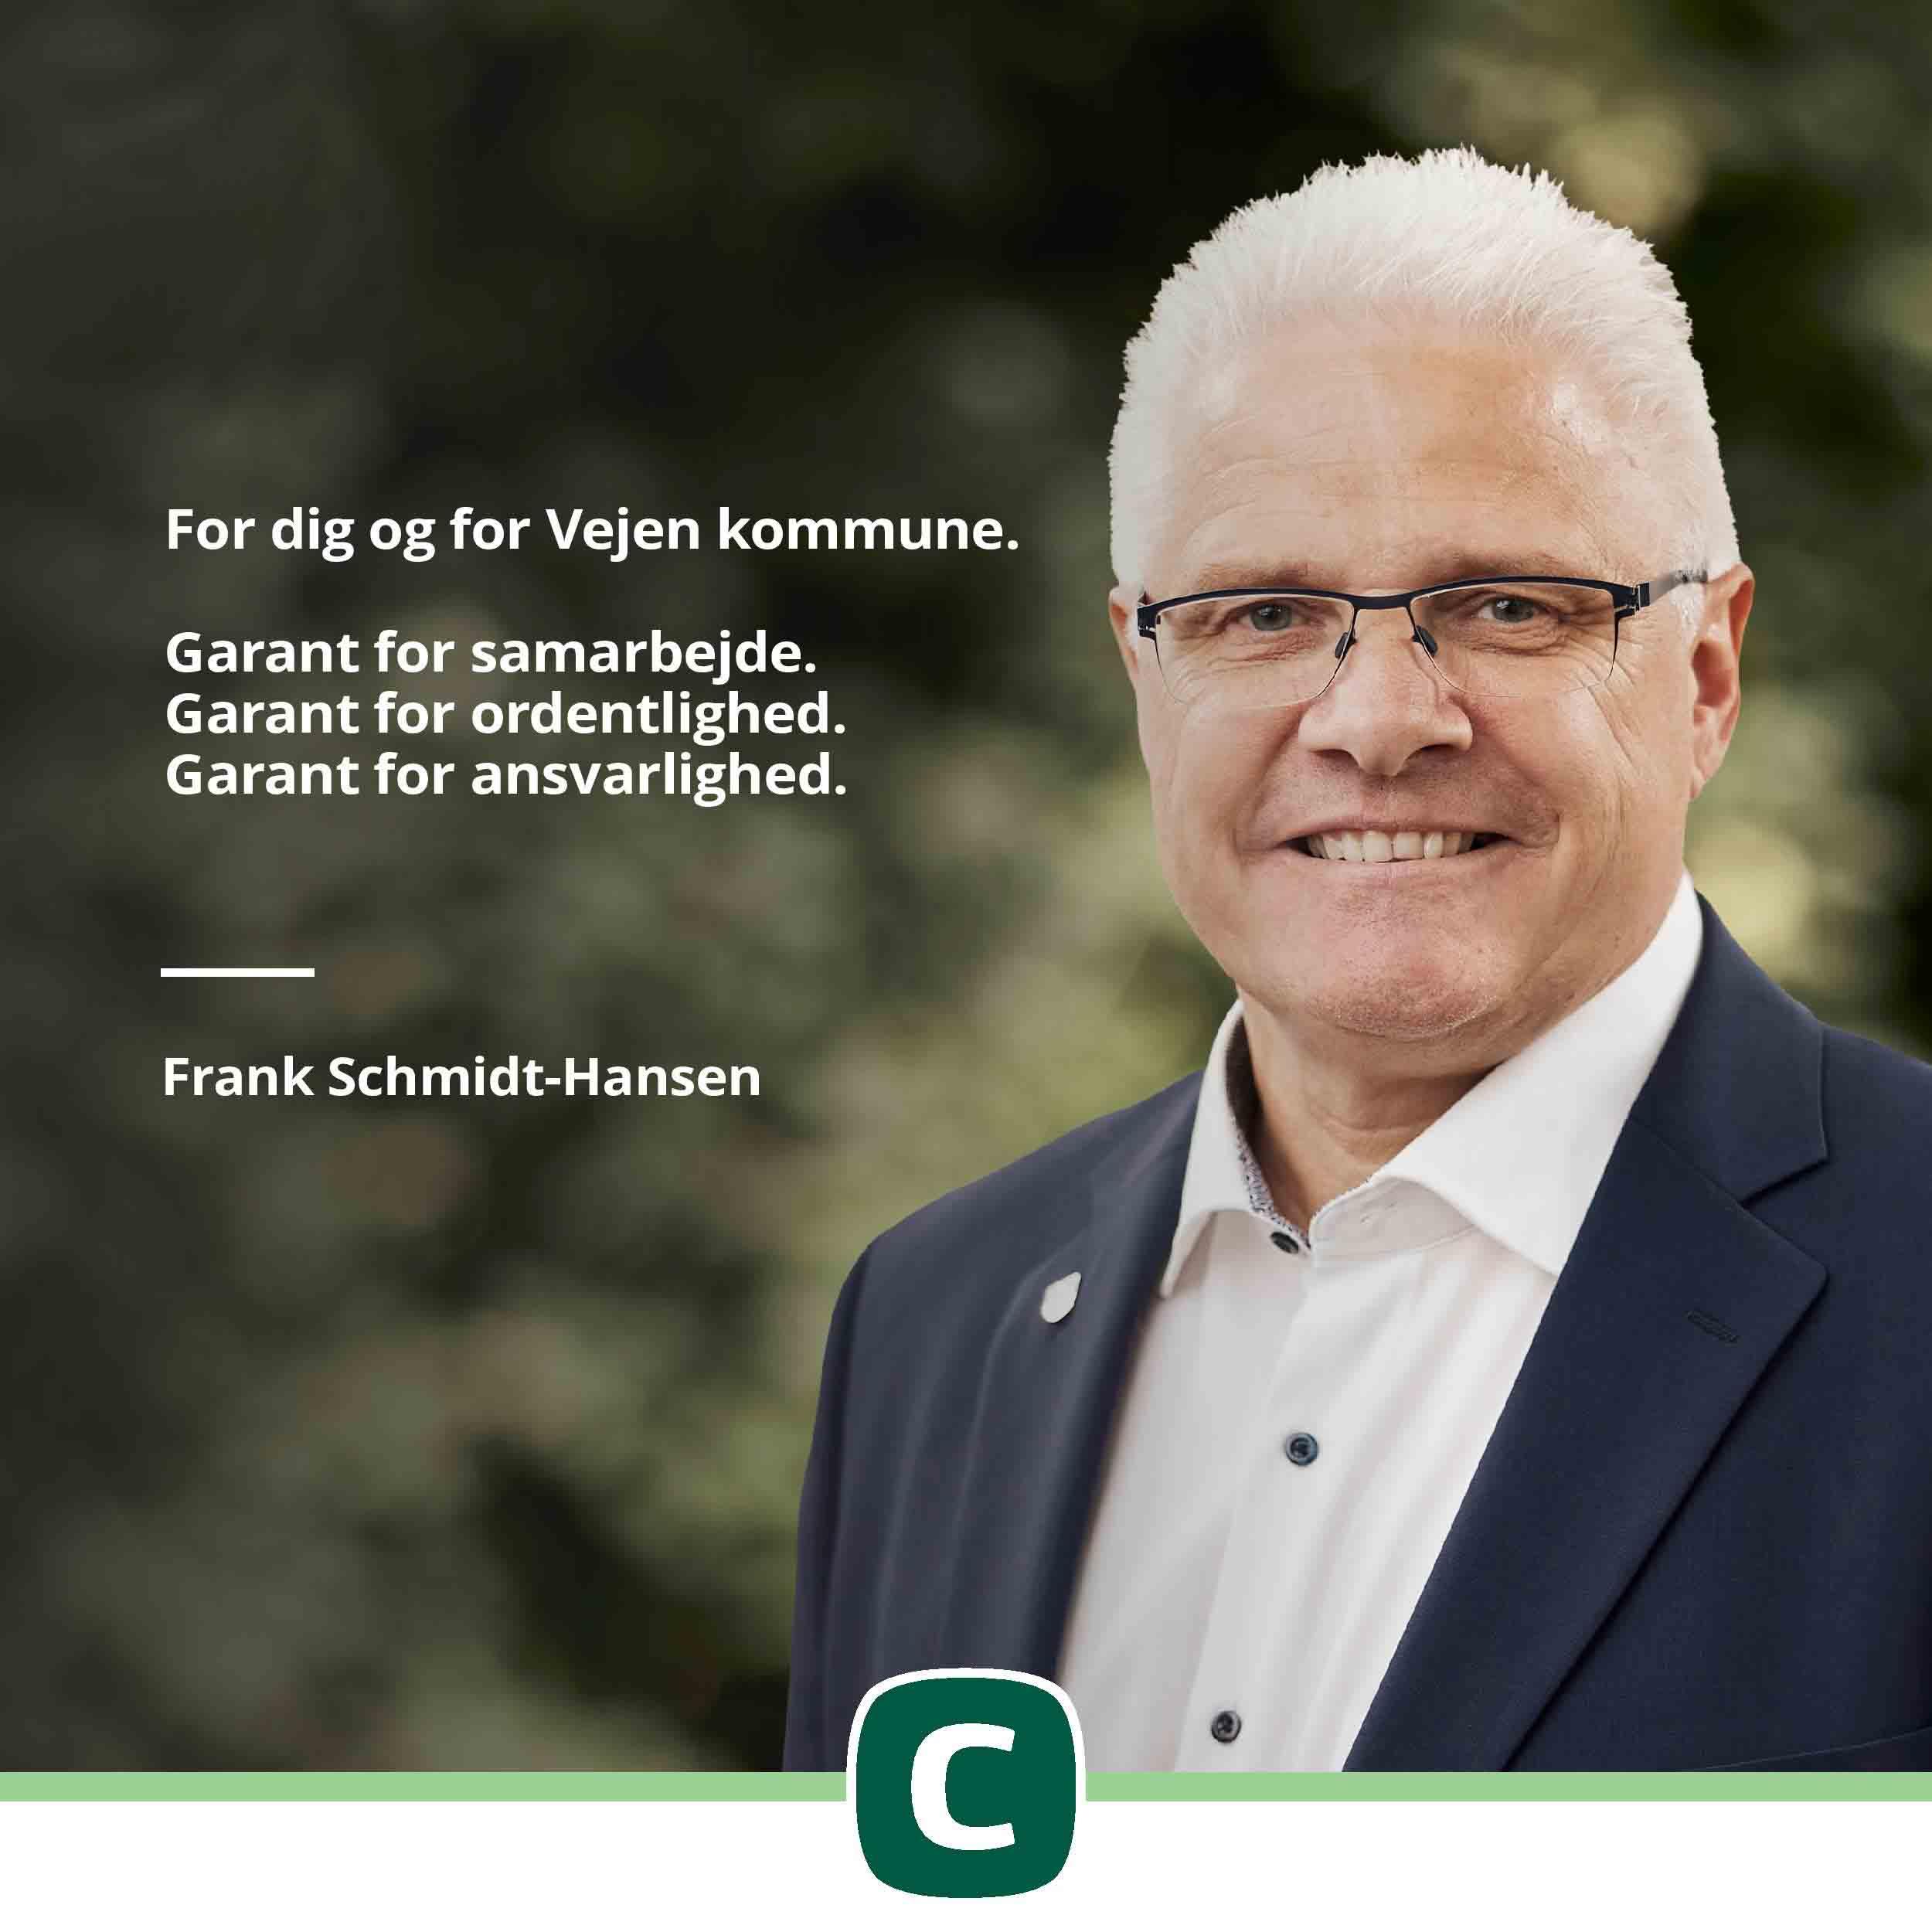 Frank Schmidt-Hansen - valg